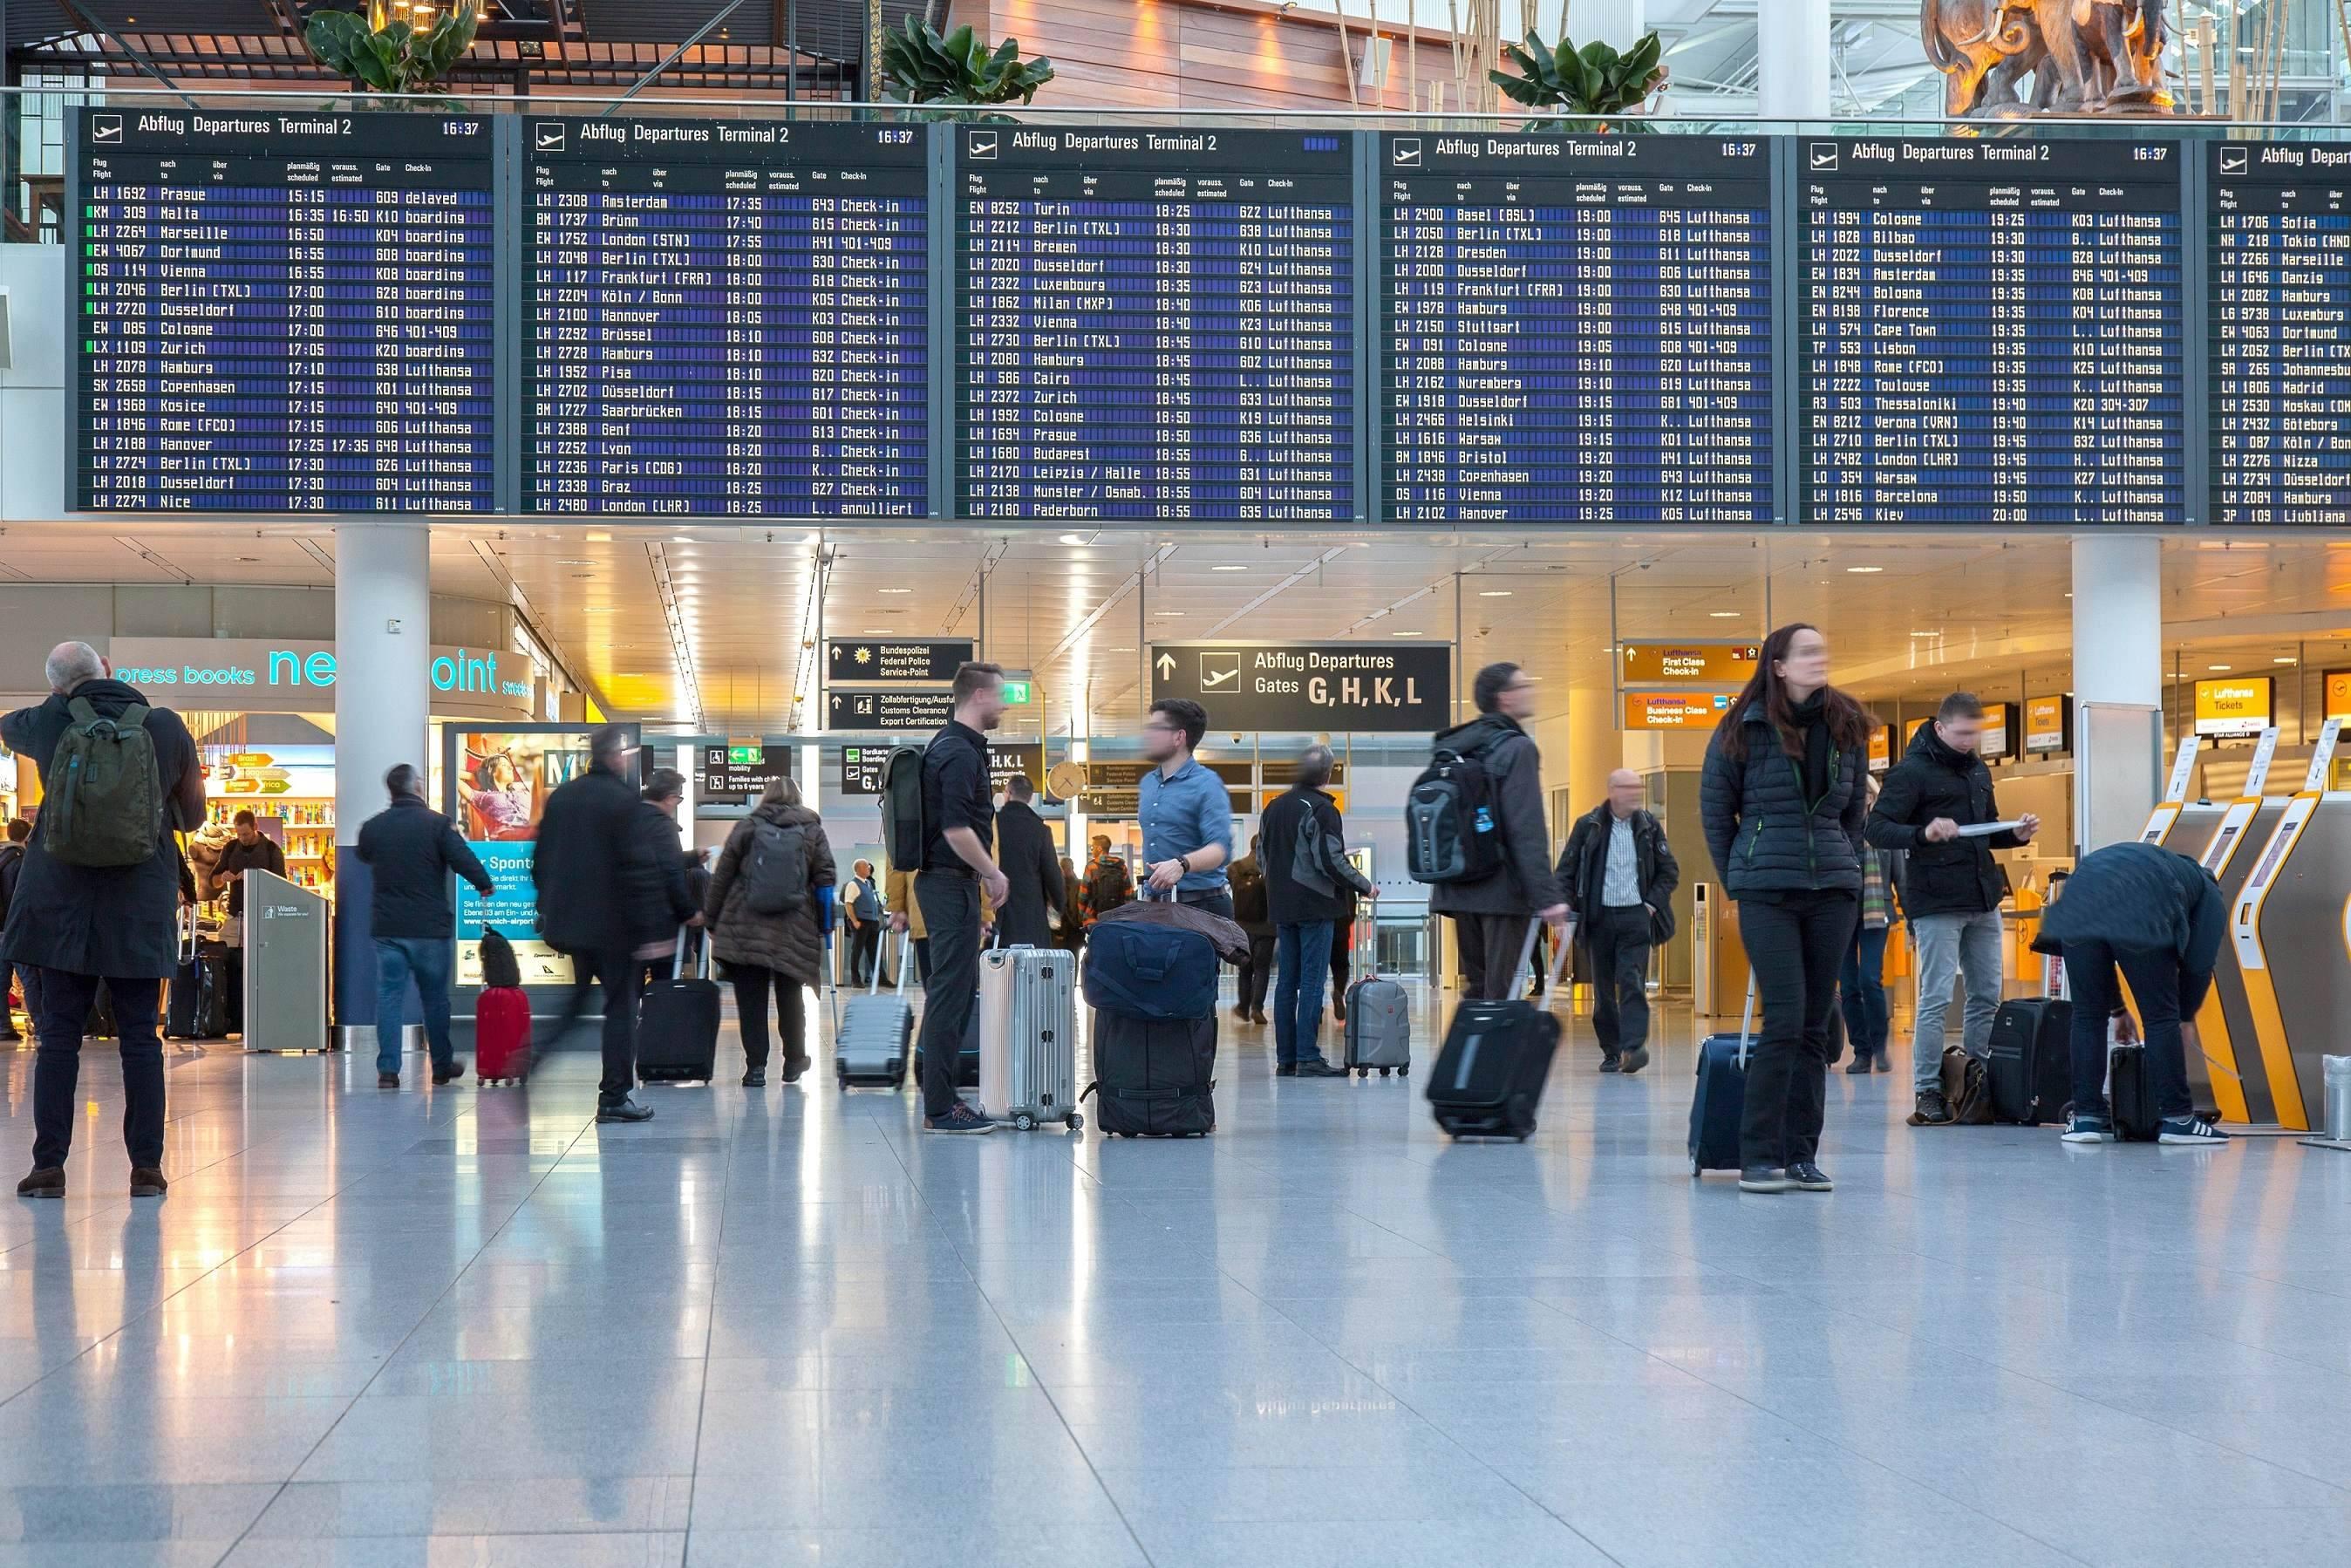 Аэропорт мюнхена. как добраться до центра мюнхена и на австрийские горнолыжные курорты.